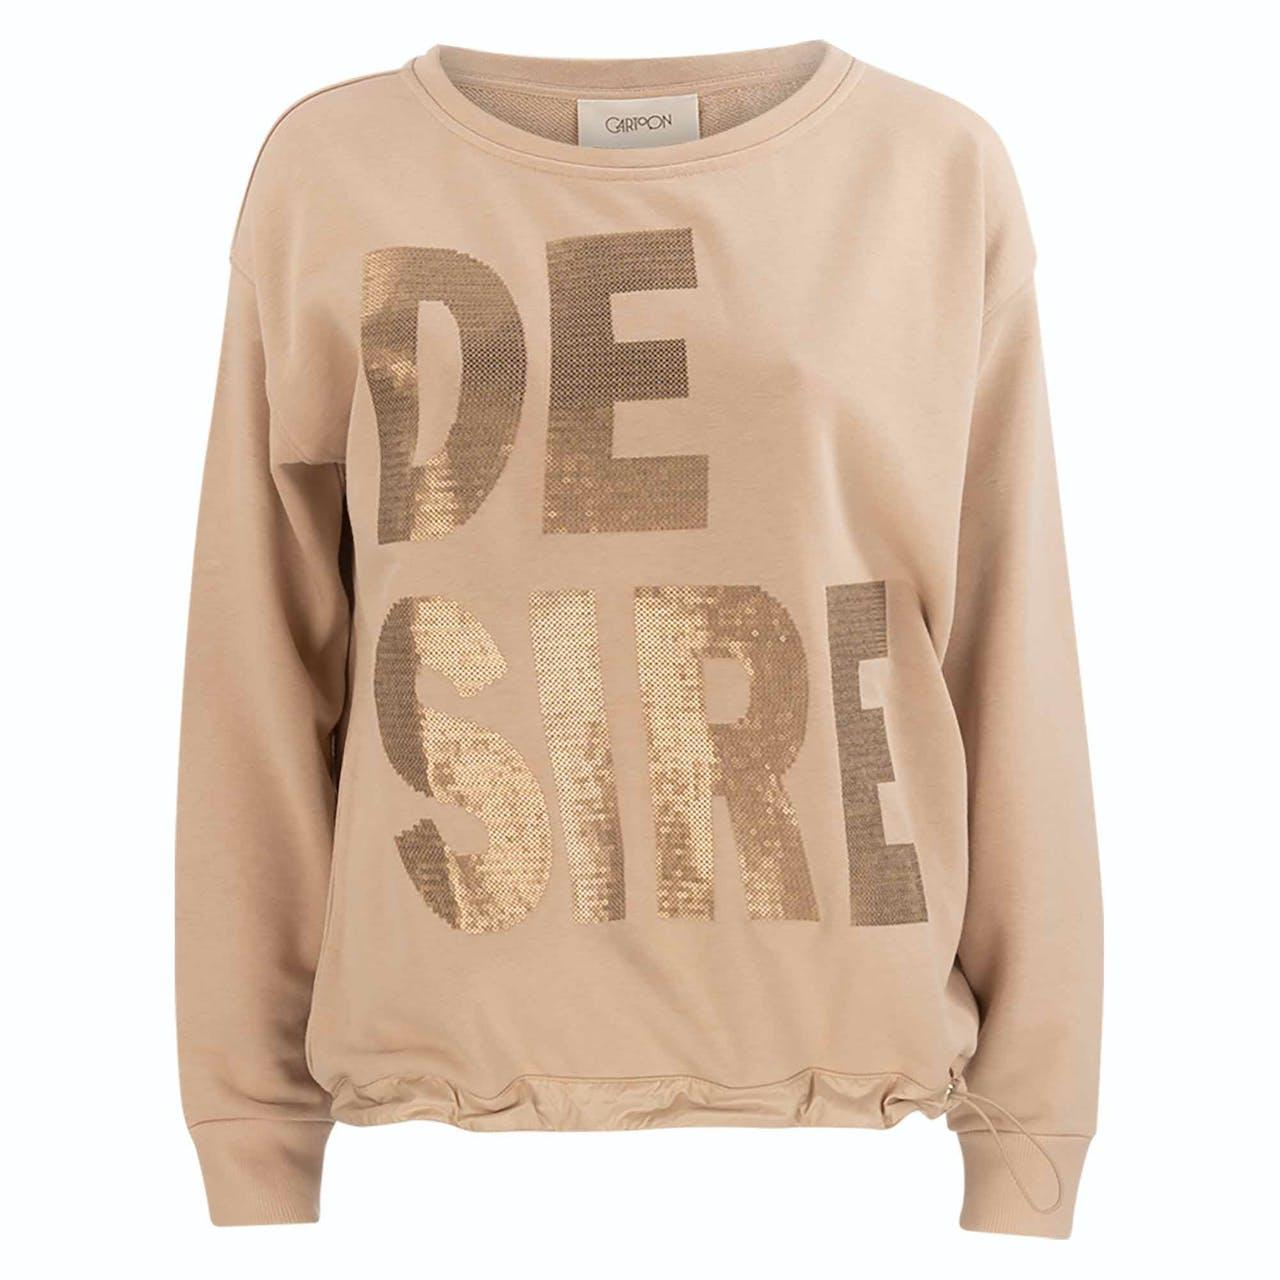 Sweatshirt - Loose Fit - Wording